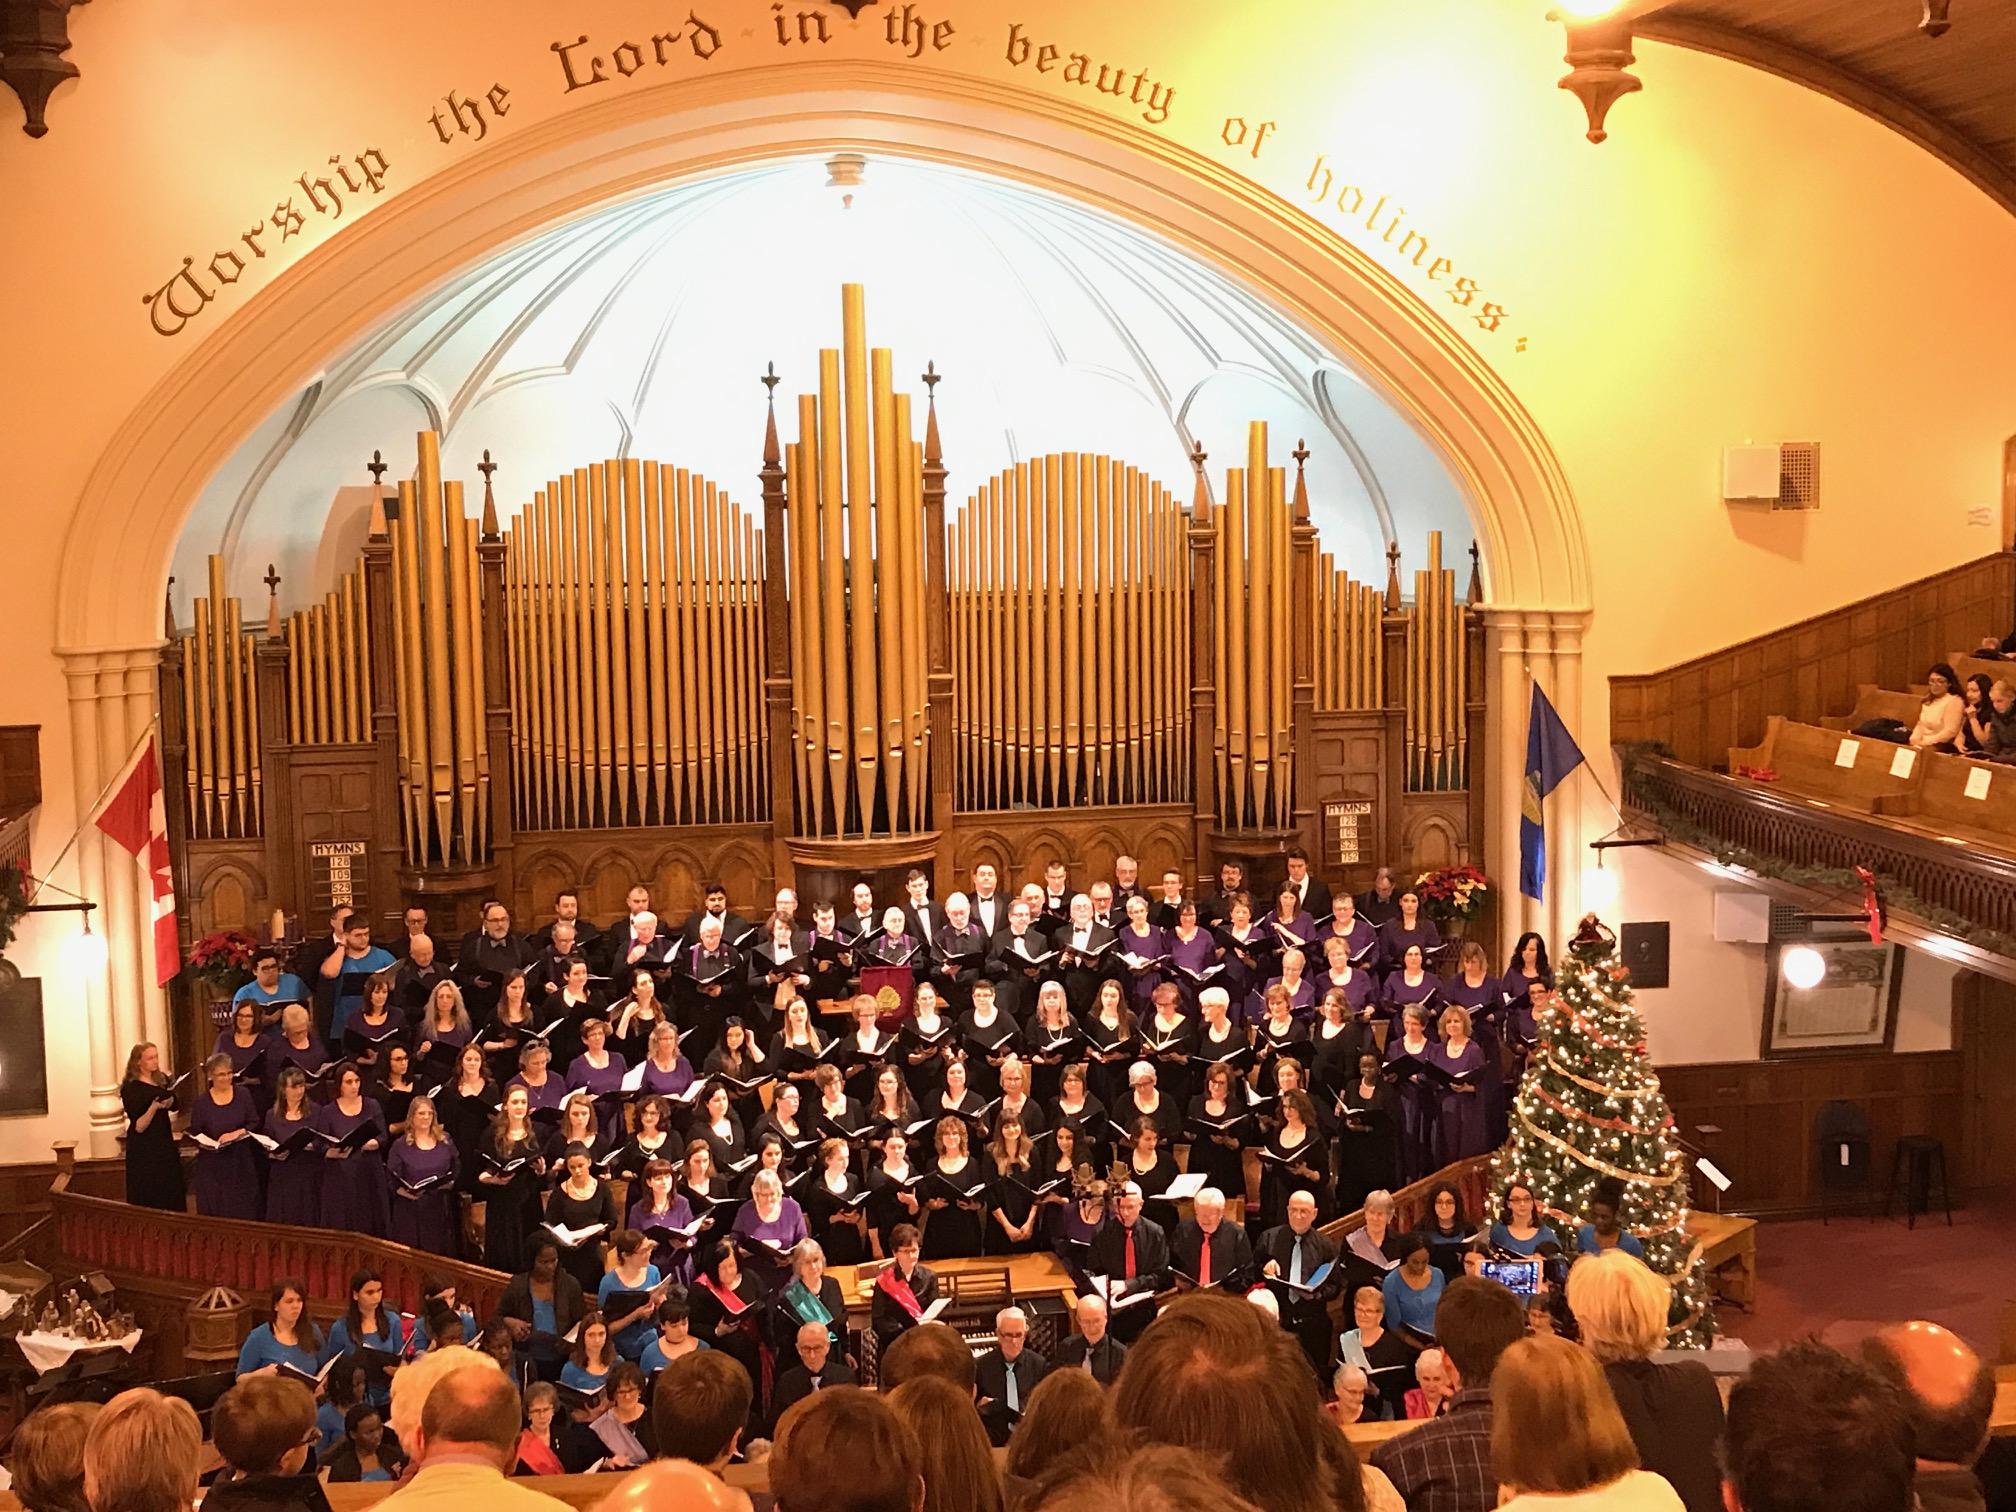 Concert de Noël 2018, First Presbyterian Church avec les chorales Chantamis, Mélodie d'Amour, Ensemble Clé, Chorale Saint-Jean et les Petits chanteurs de Saint-Jean.